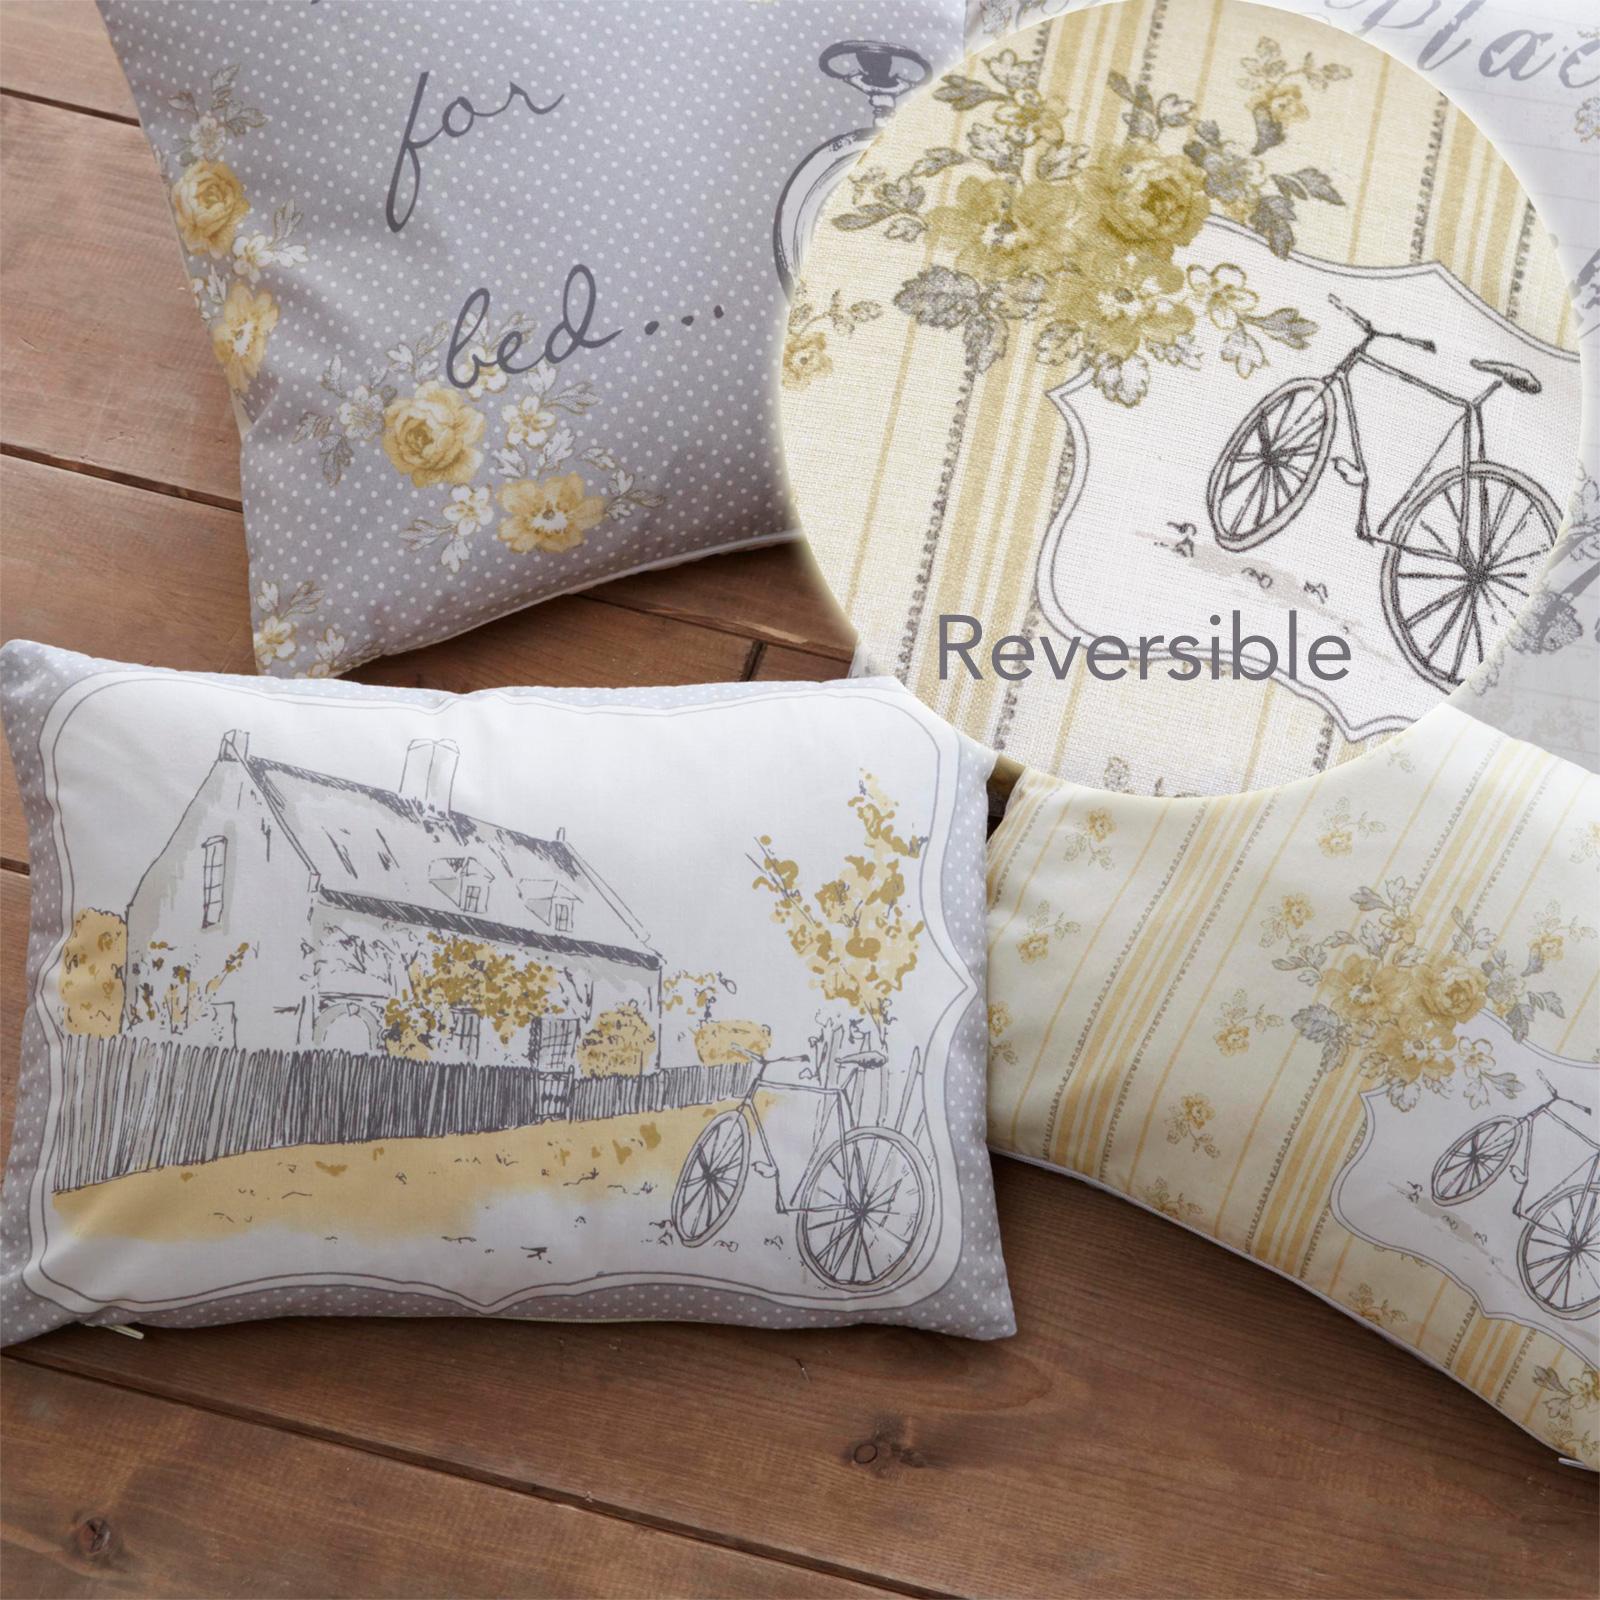 shabby campagne chic housse de coussin avec fleurs r versible motif pois ebay. Black Bedroom Furniture Sets. Home Design Ideas